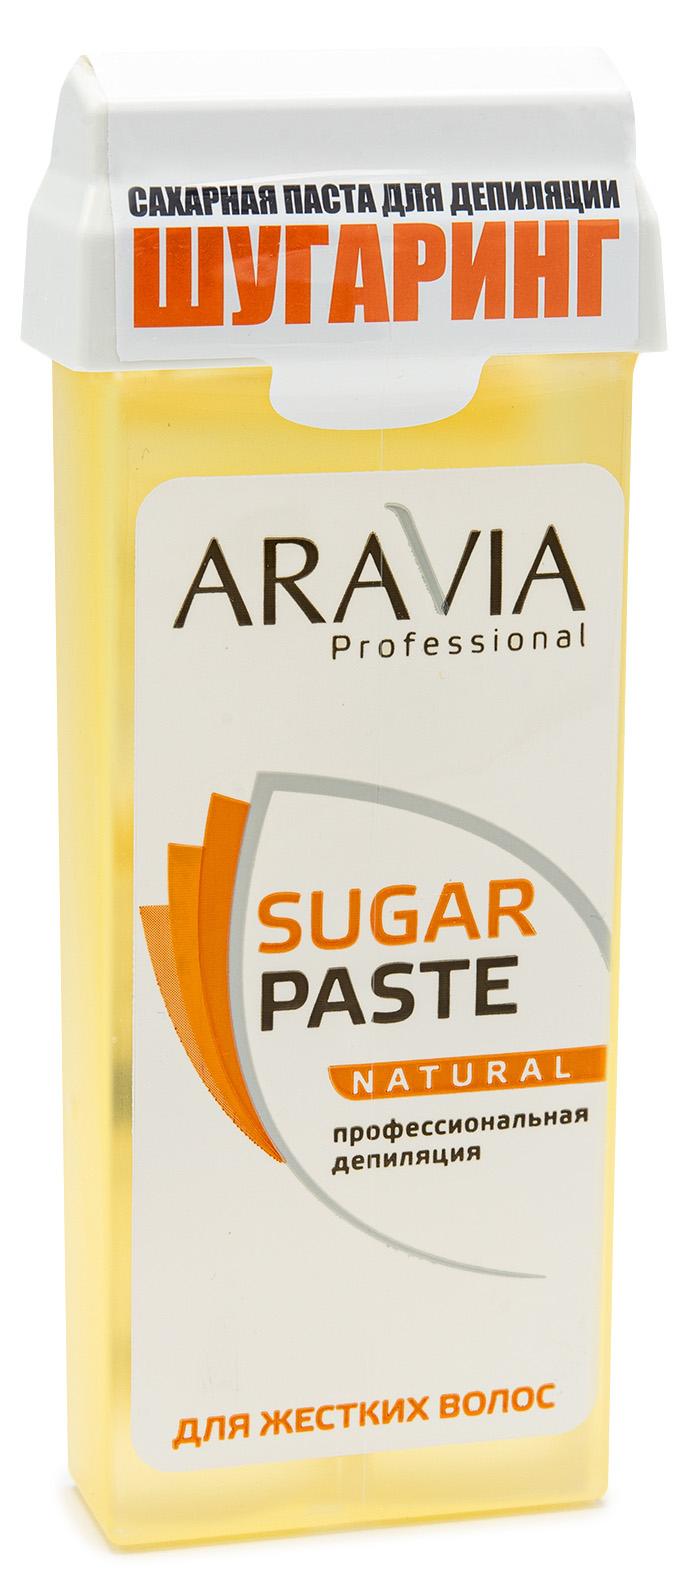 Aravia professional Aravia Professional Сахарная паста для шугаринга в картридже Натуральная мягкой консистенции, 150 гр (Aravia professional, Spa Депиляция) депиляция